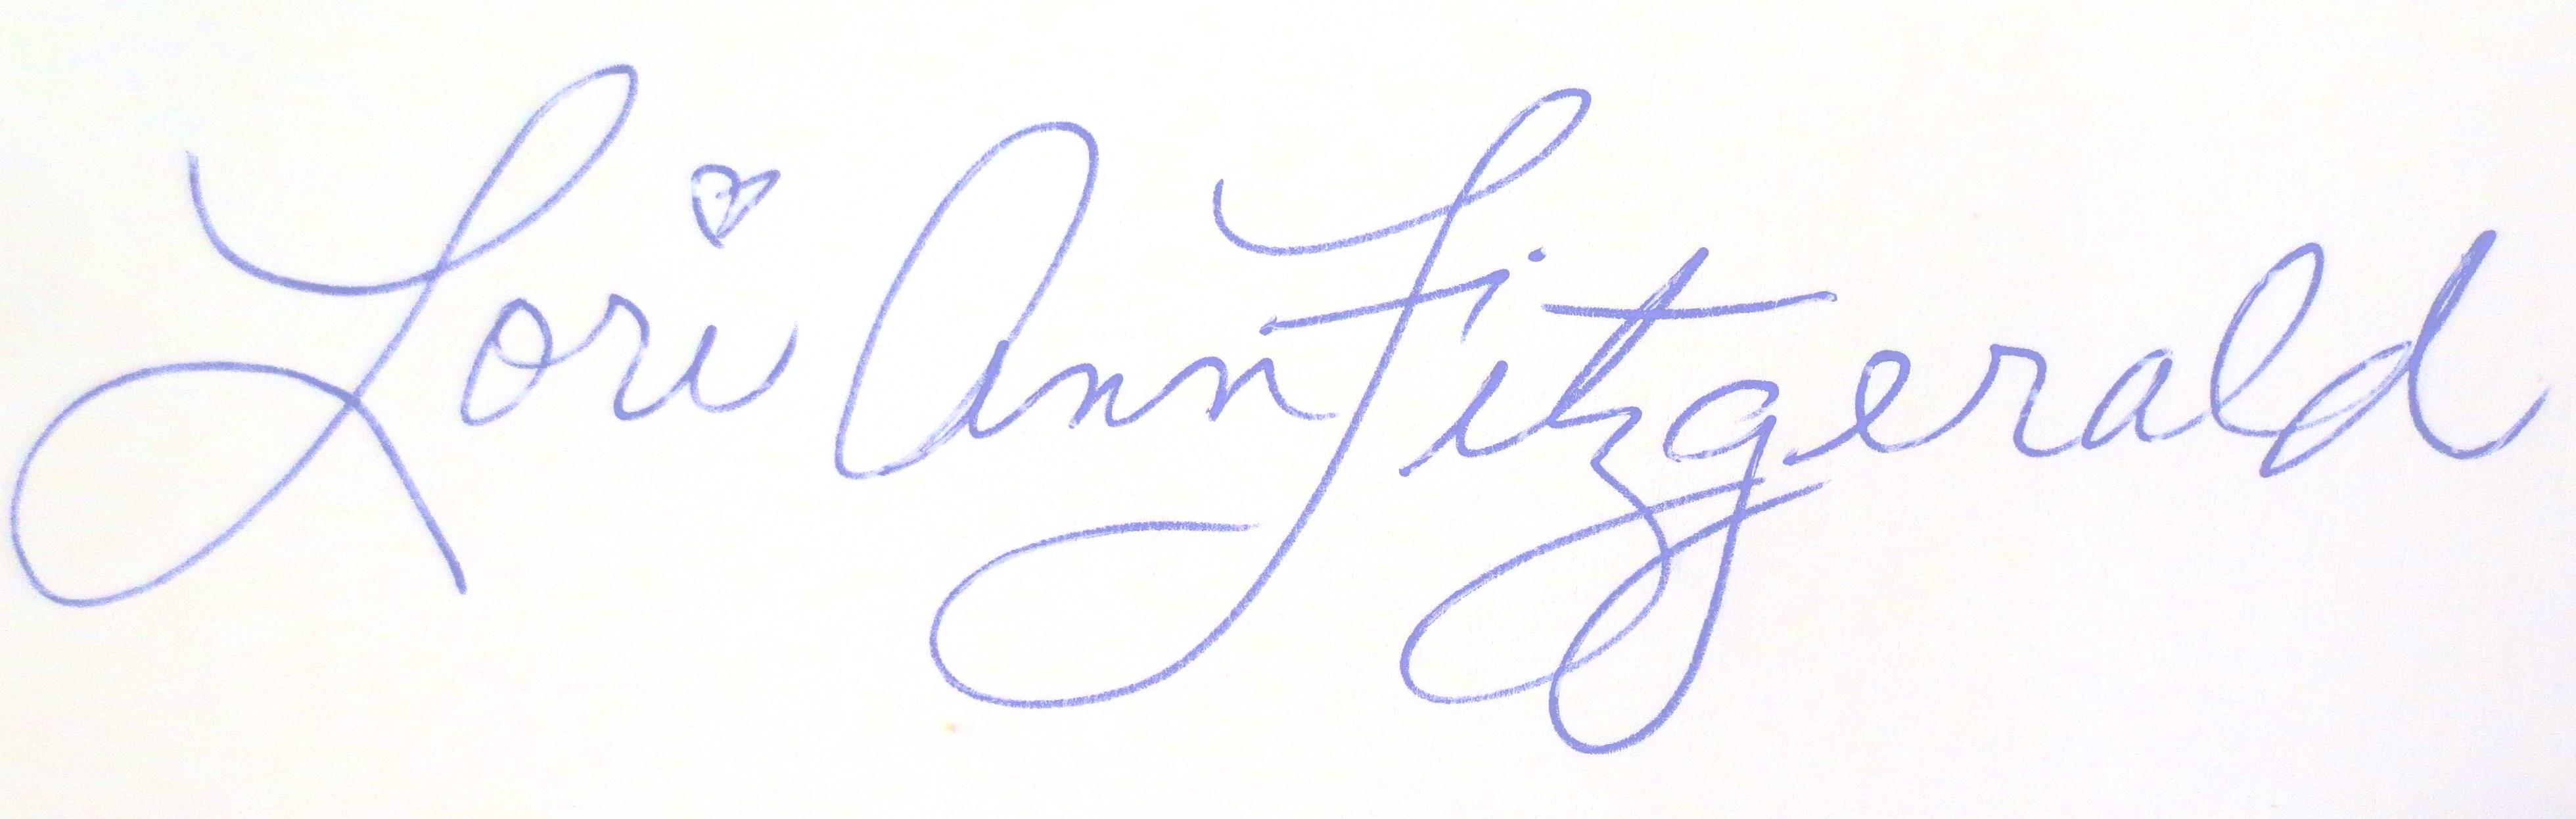 LORI ANN FITZGERALD's Signature